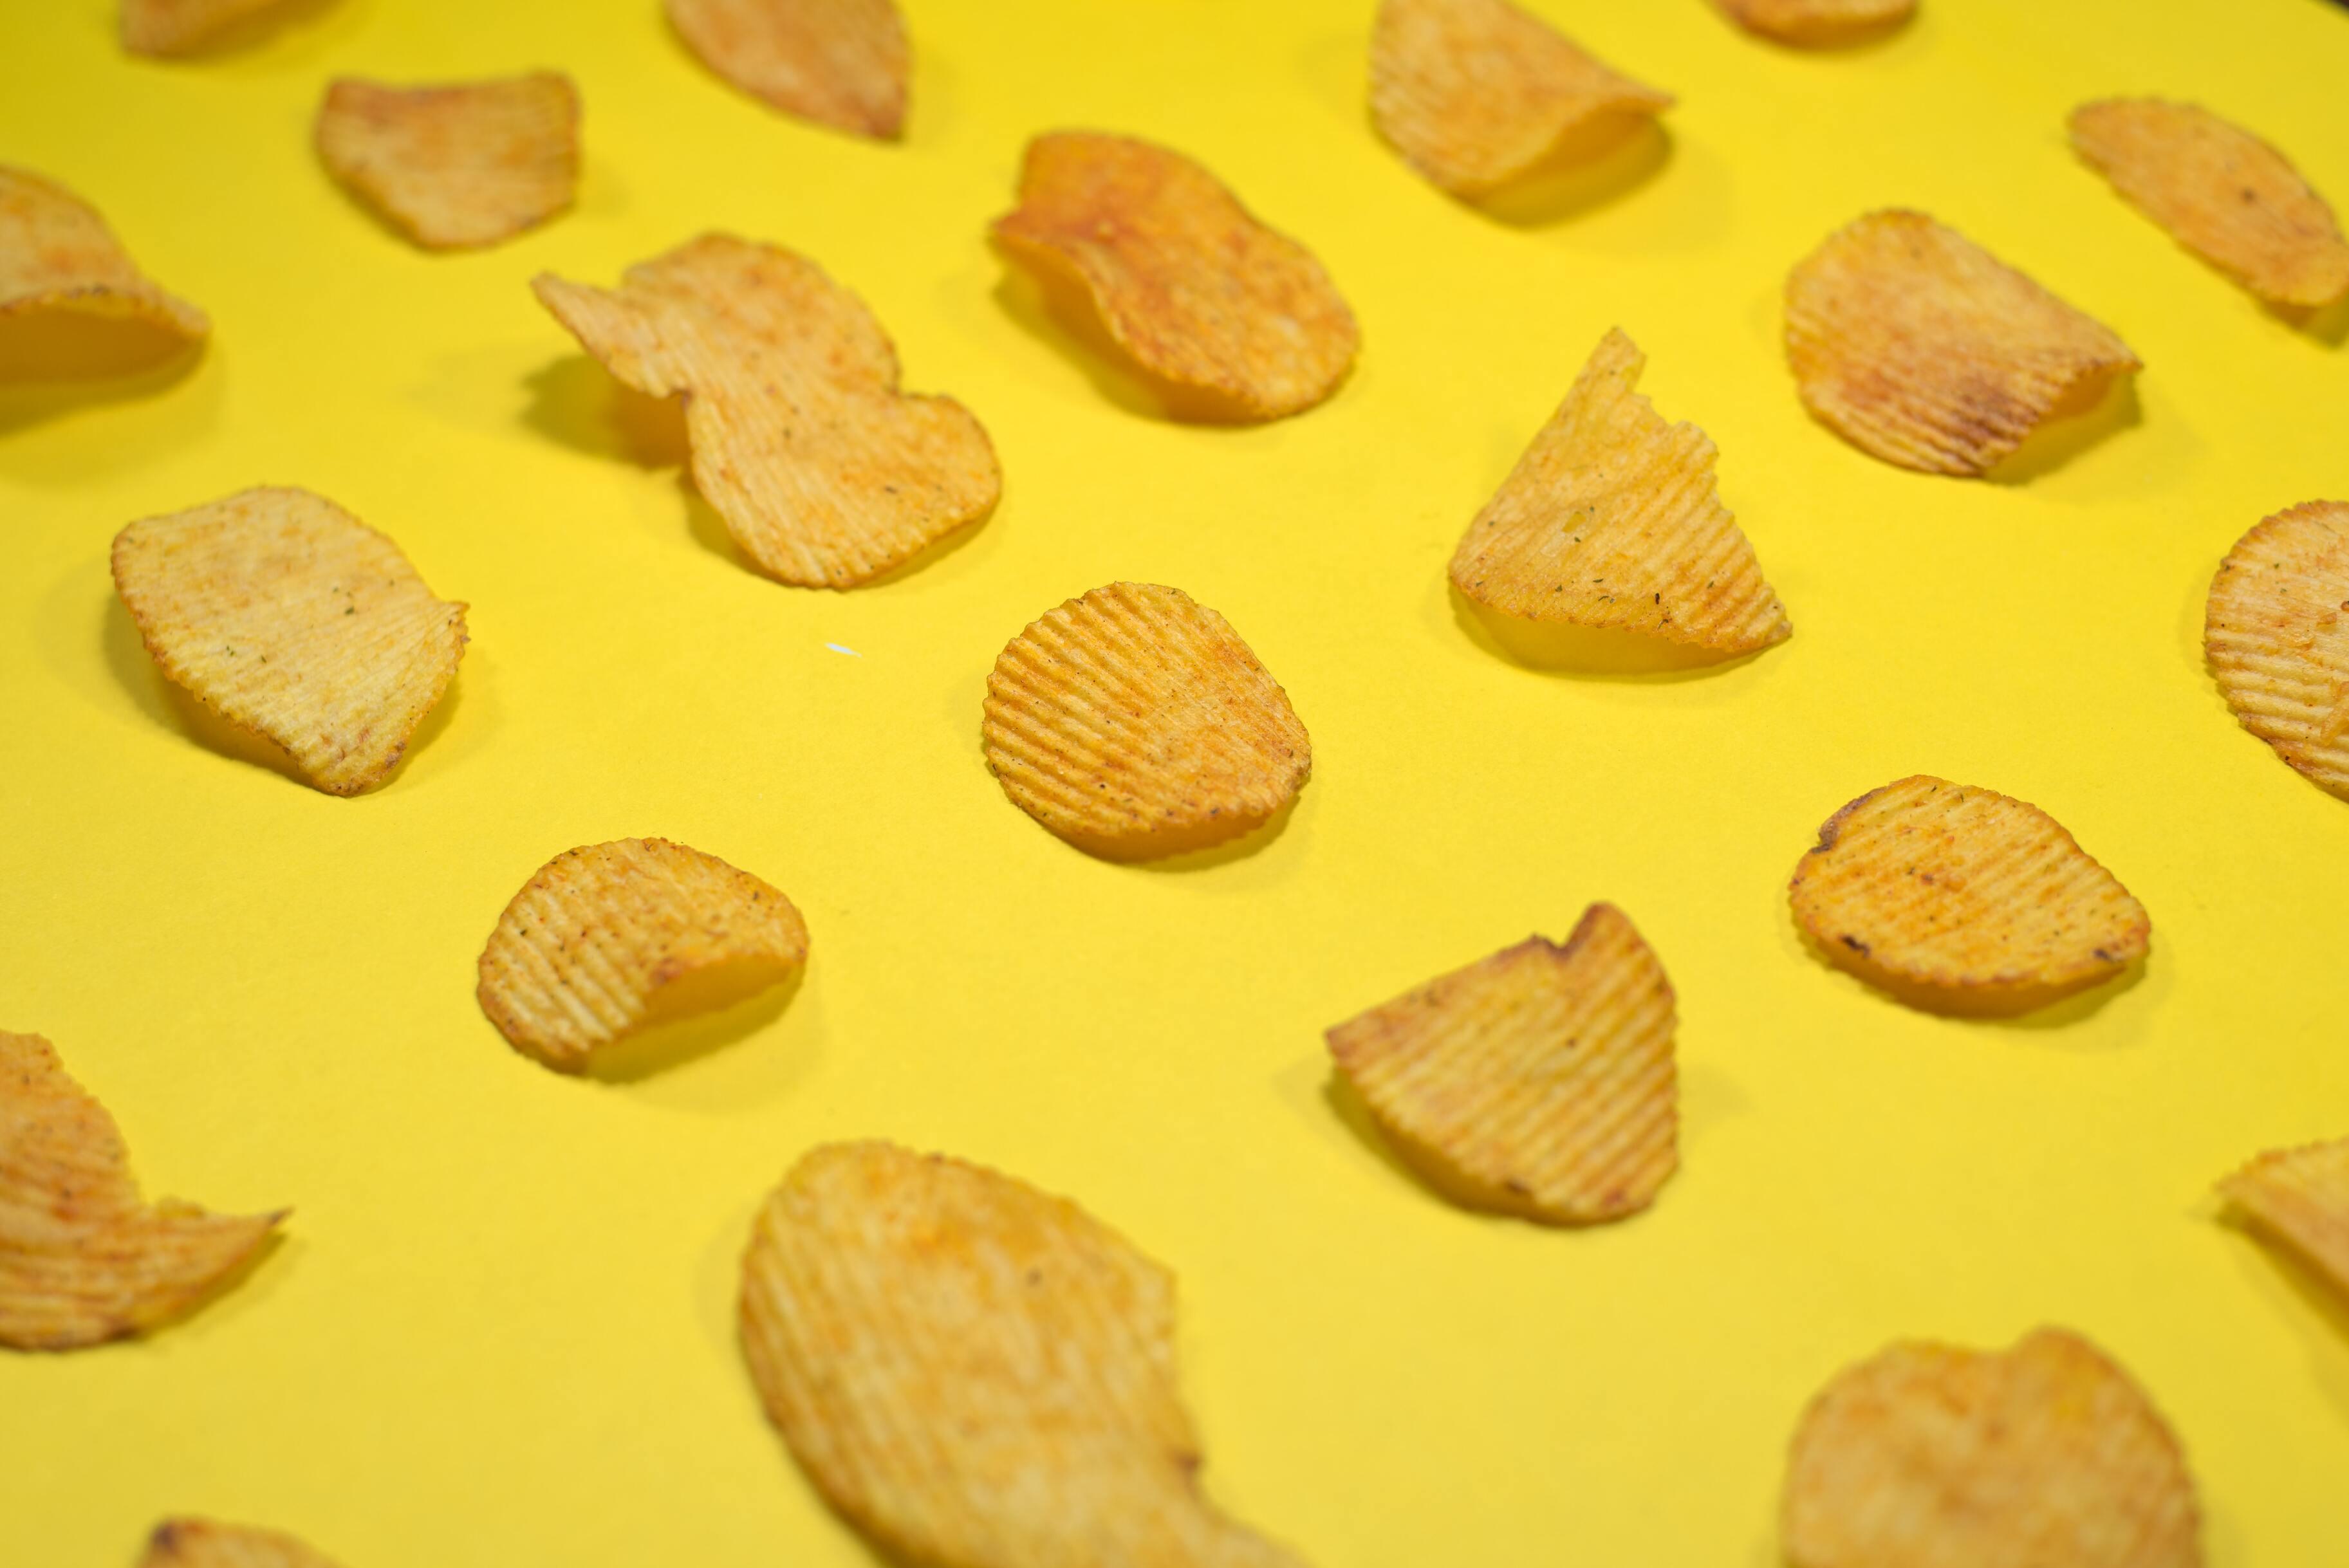 Употребление в пищу чипсов и колбасы увеличило риск ранней смерти